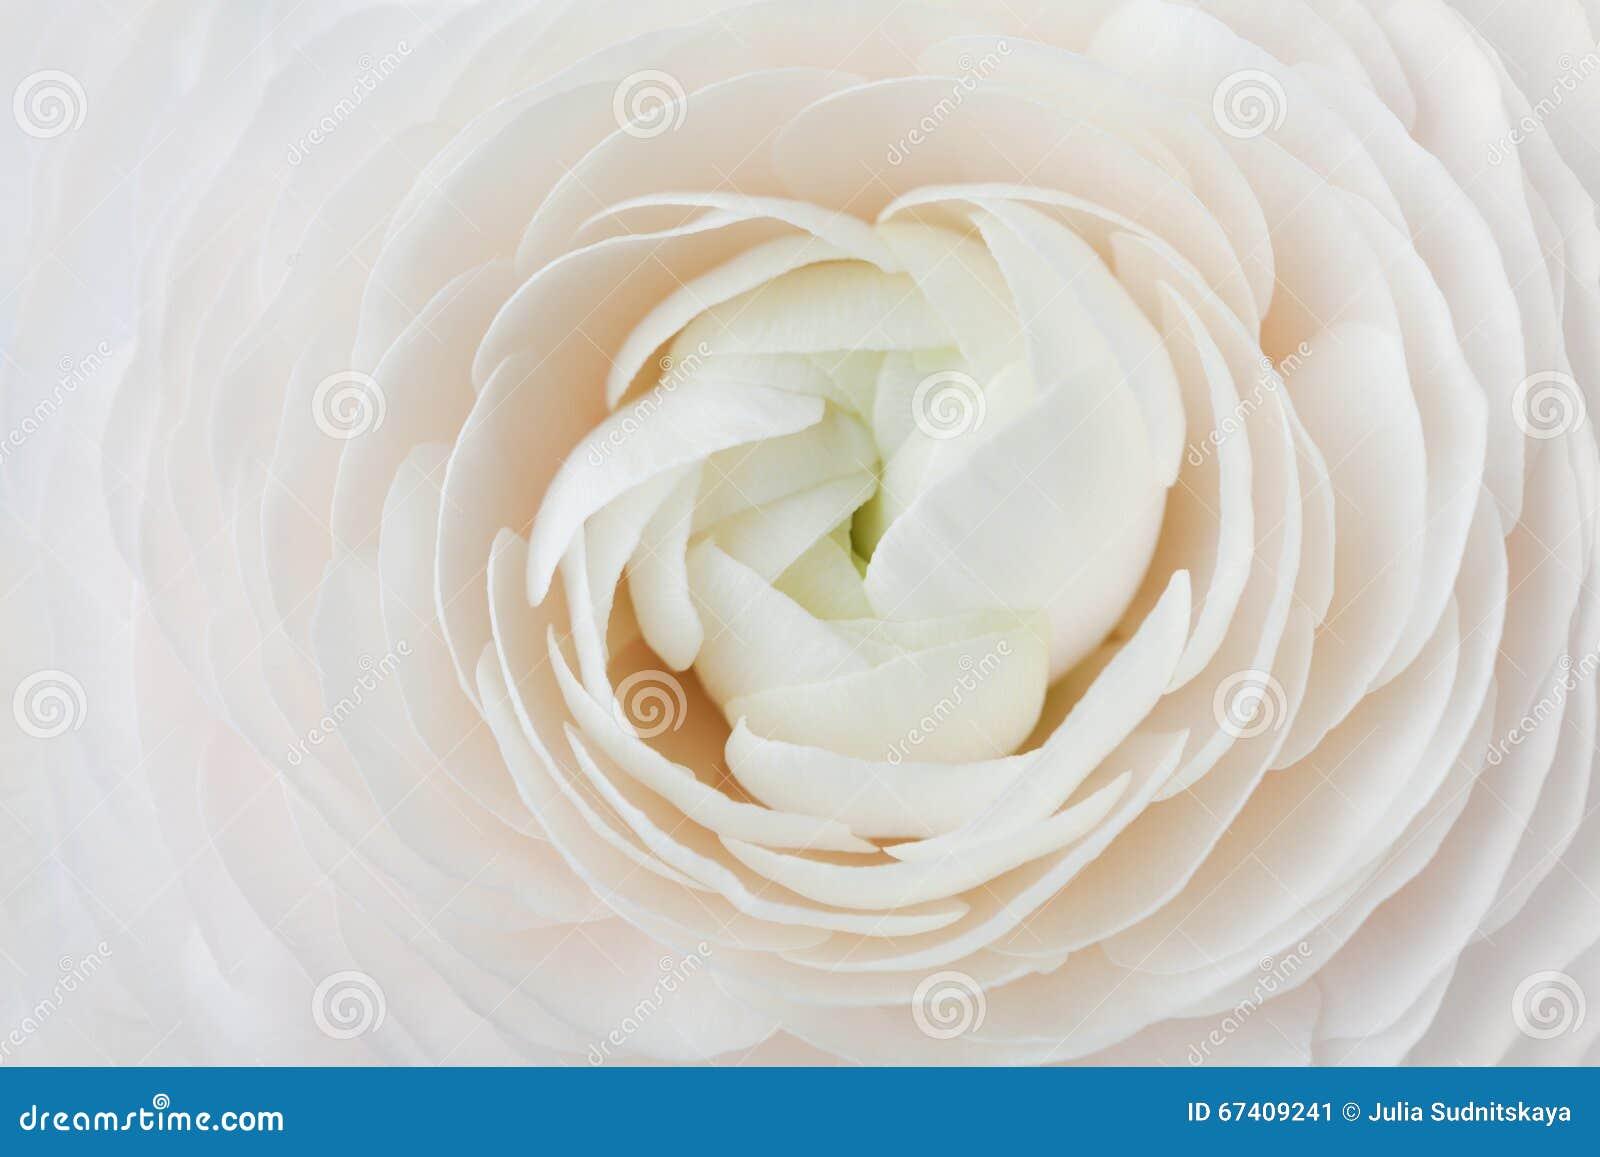 Крупный план лютика персика для абстрактной предпосылки, красивого цветка весны, wedding цветочного узора, макроса